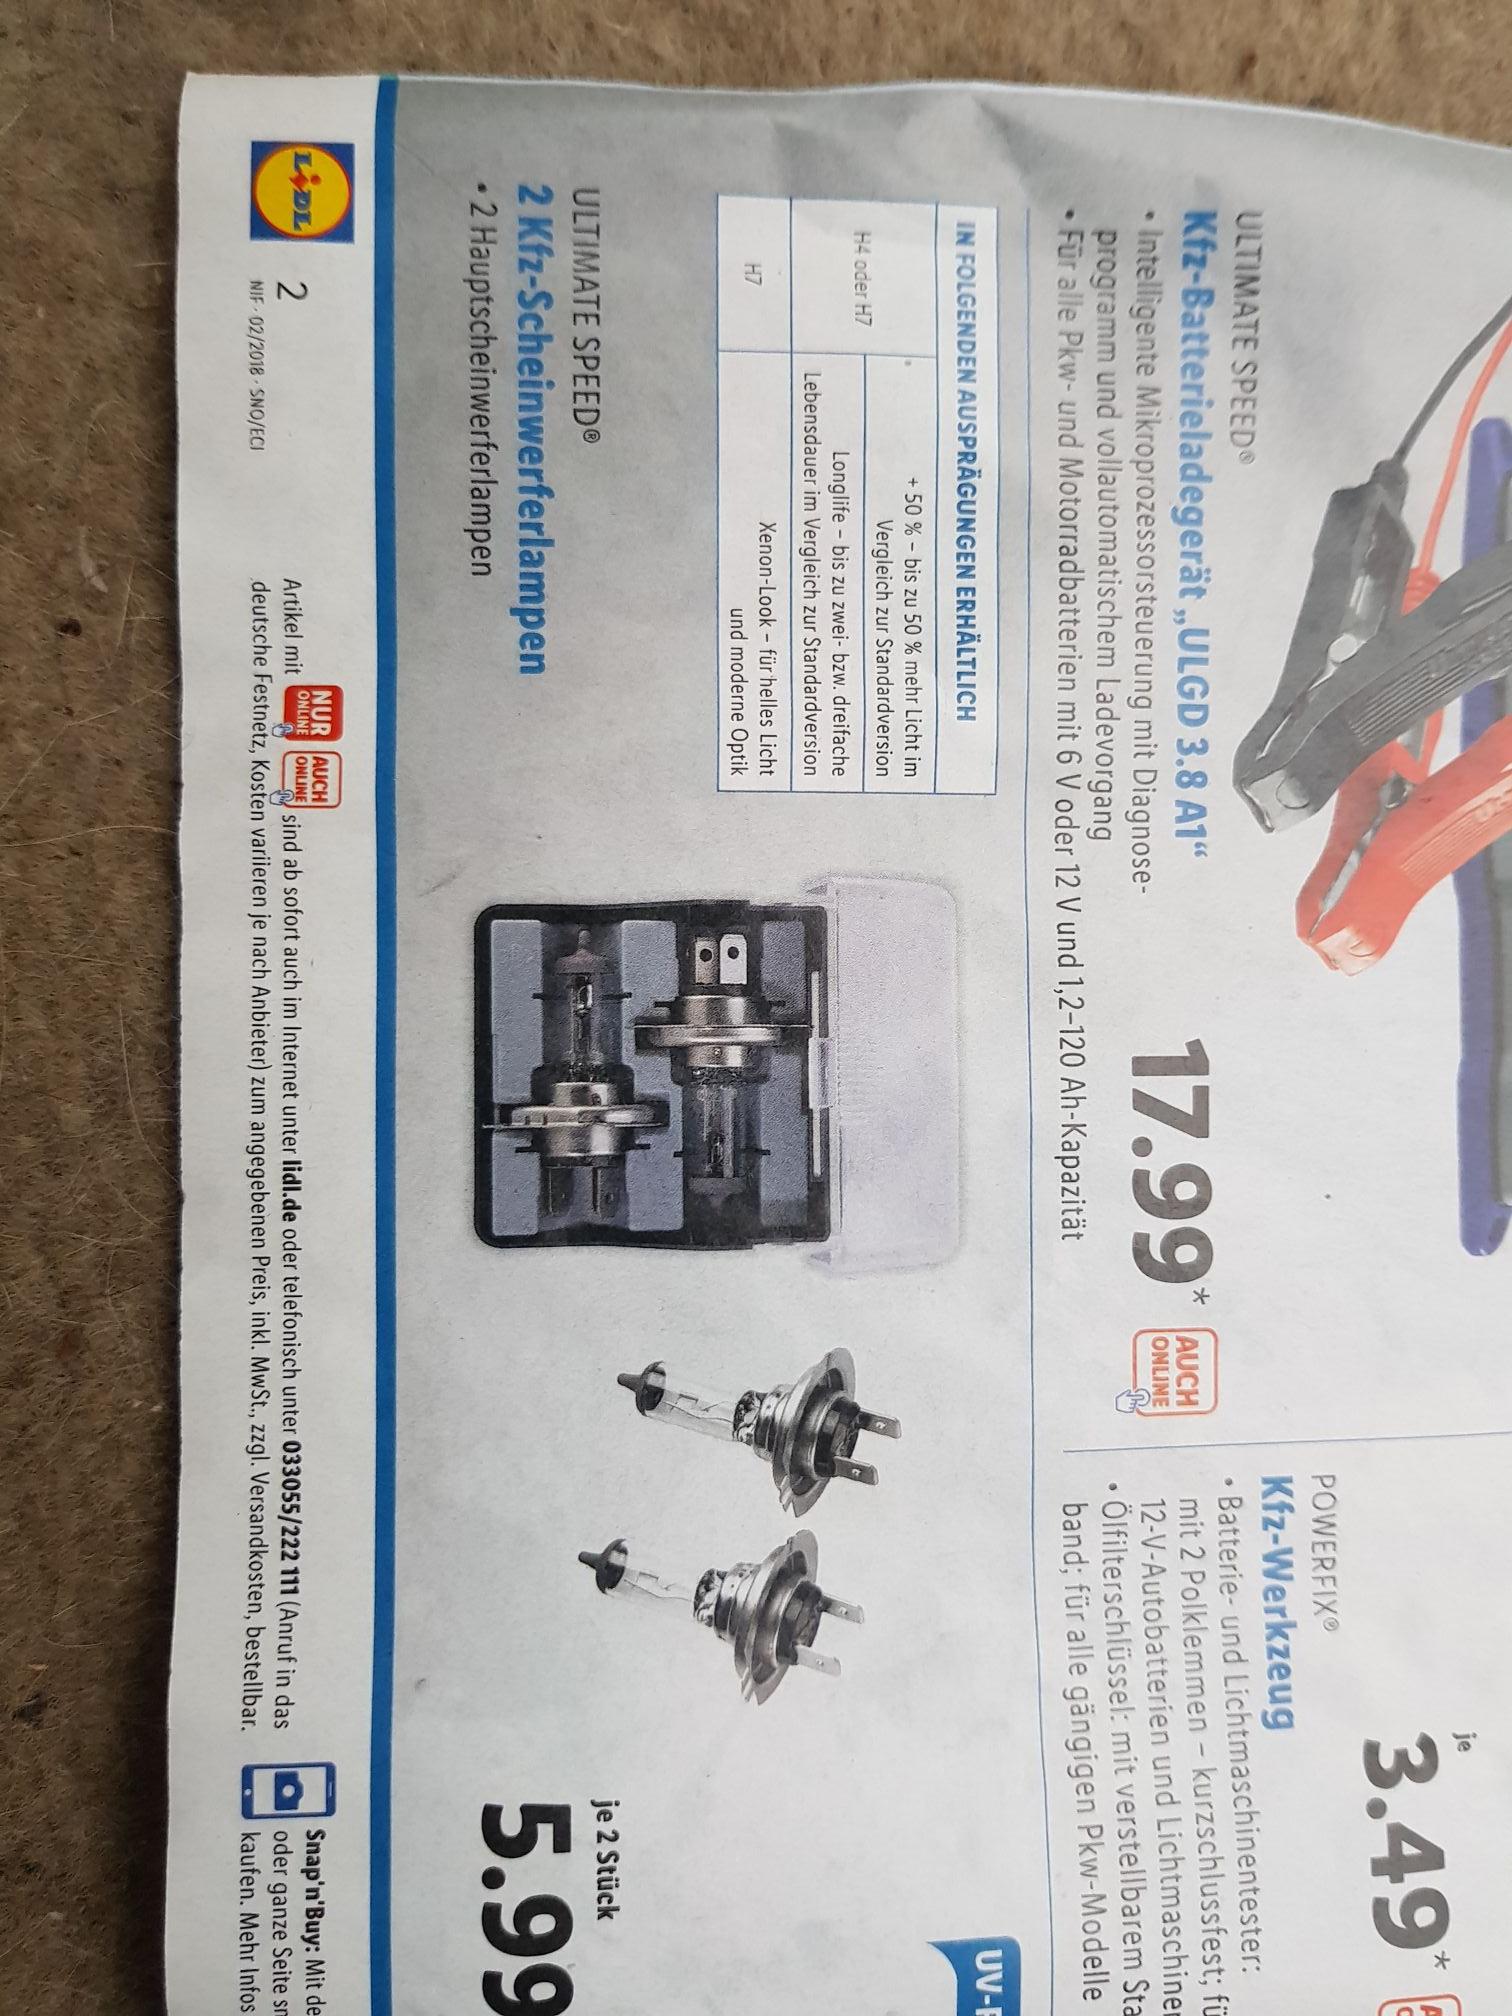 (Lidl) 2 Kfz Scheinwerferlampen H4 oder H7 für 5.99€